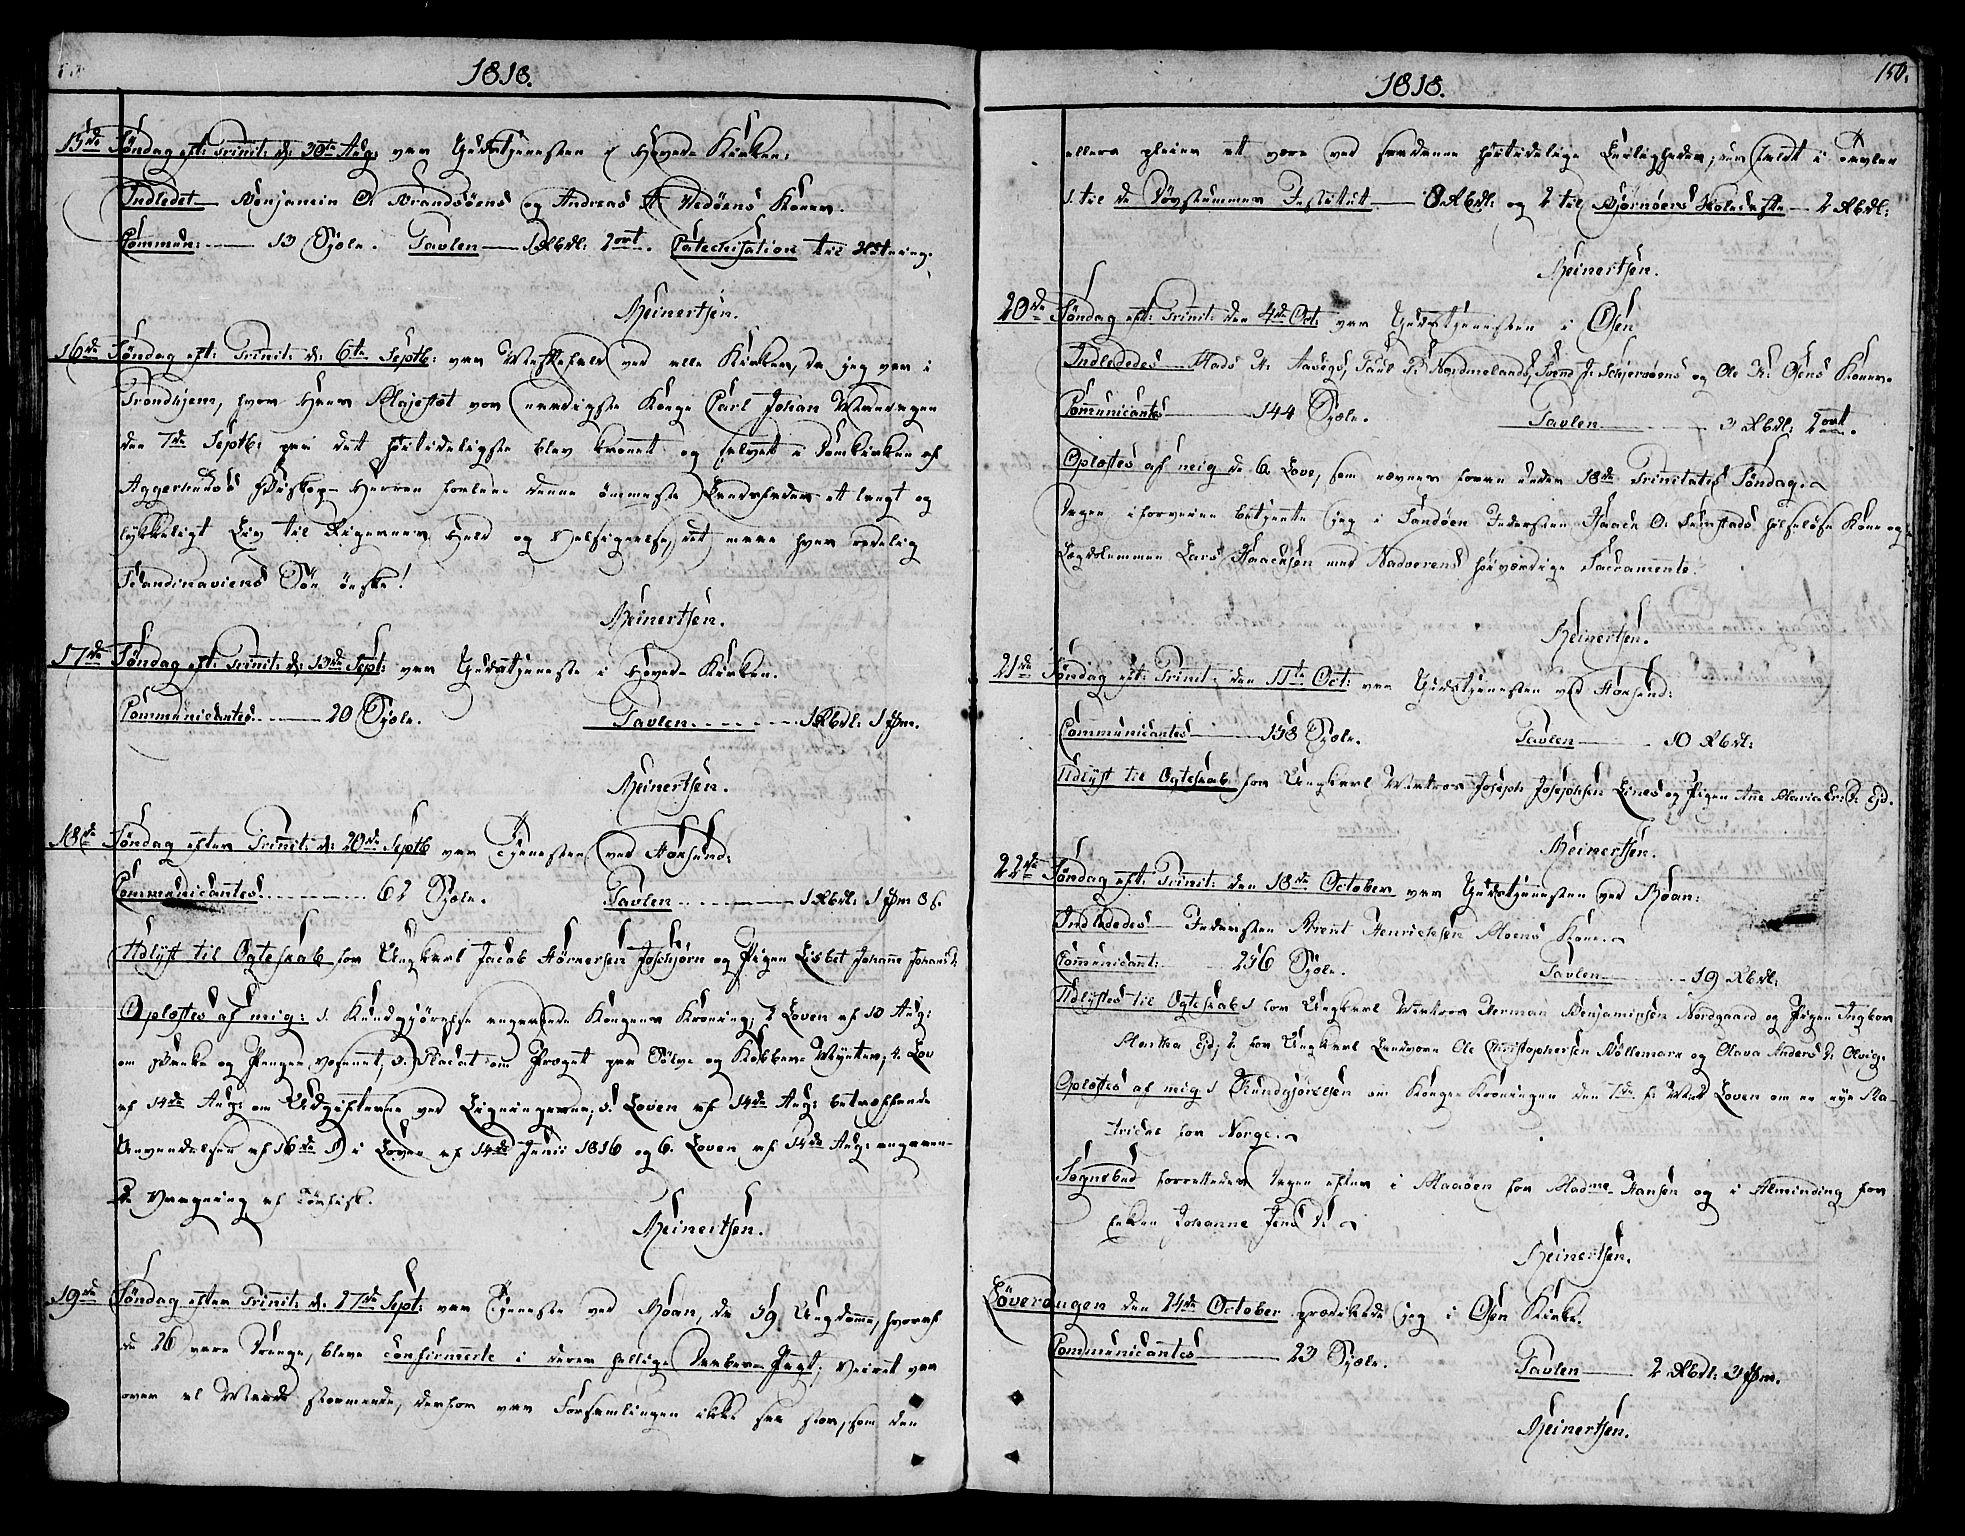 SAT, Ministerialprotokoller, klokkerbøker og fødselsregistre - Sør-Trøndelag, 657/L0701: Ministerialbok nr. 657A02, 1802-1831, s. 150